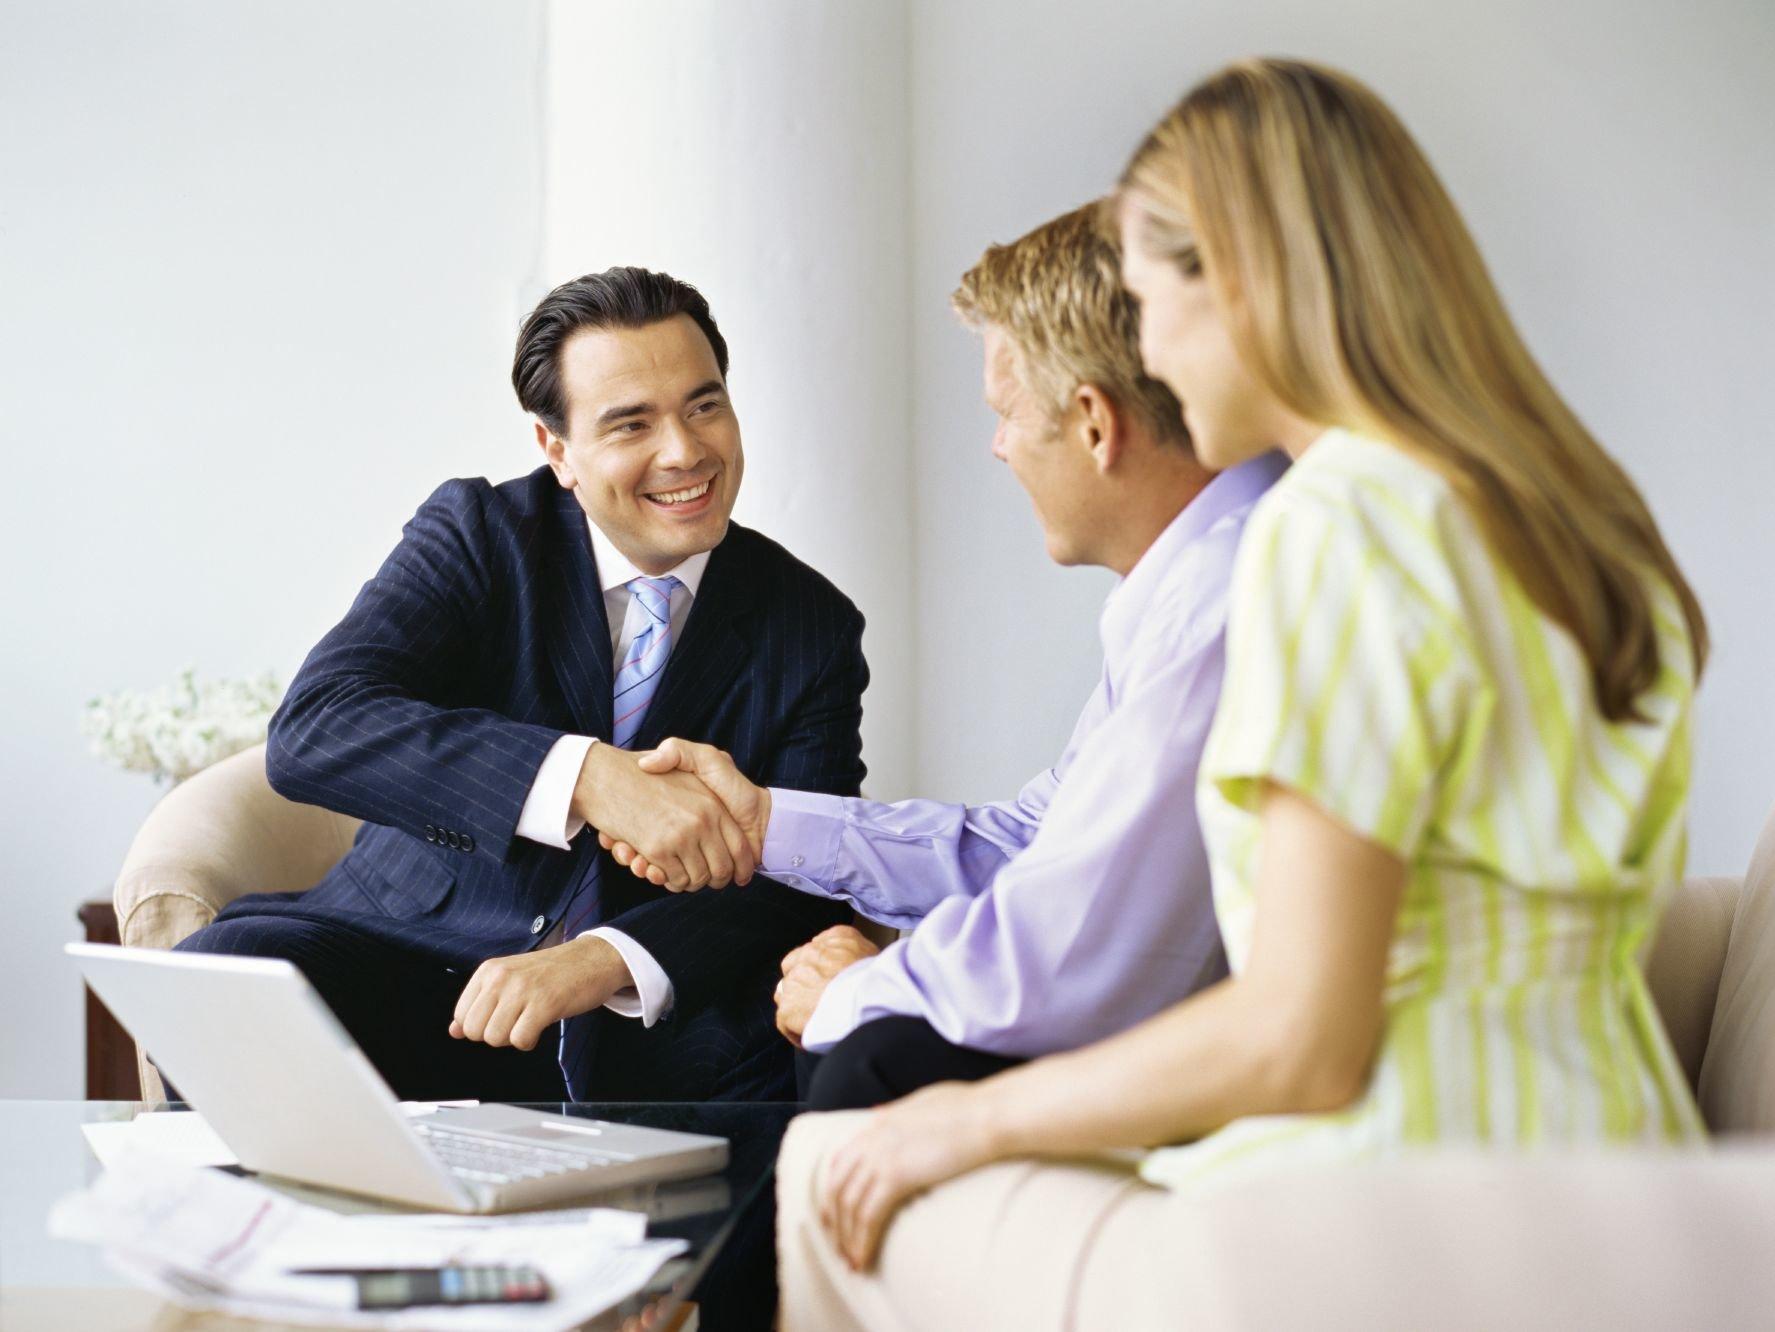 Как прописаться в квартиру к собственнику, можно ли прописаться без согласия собственника